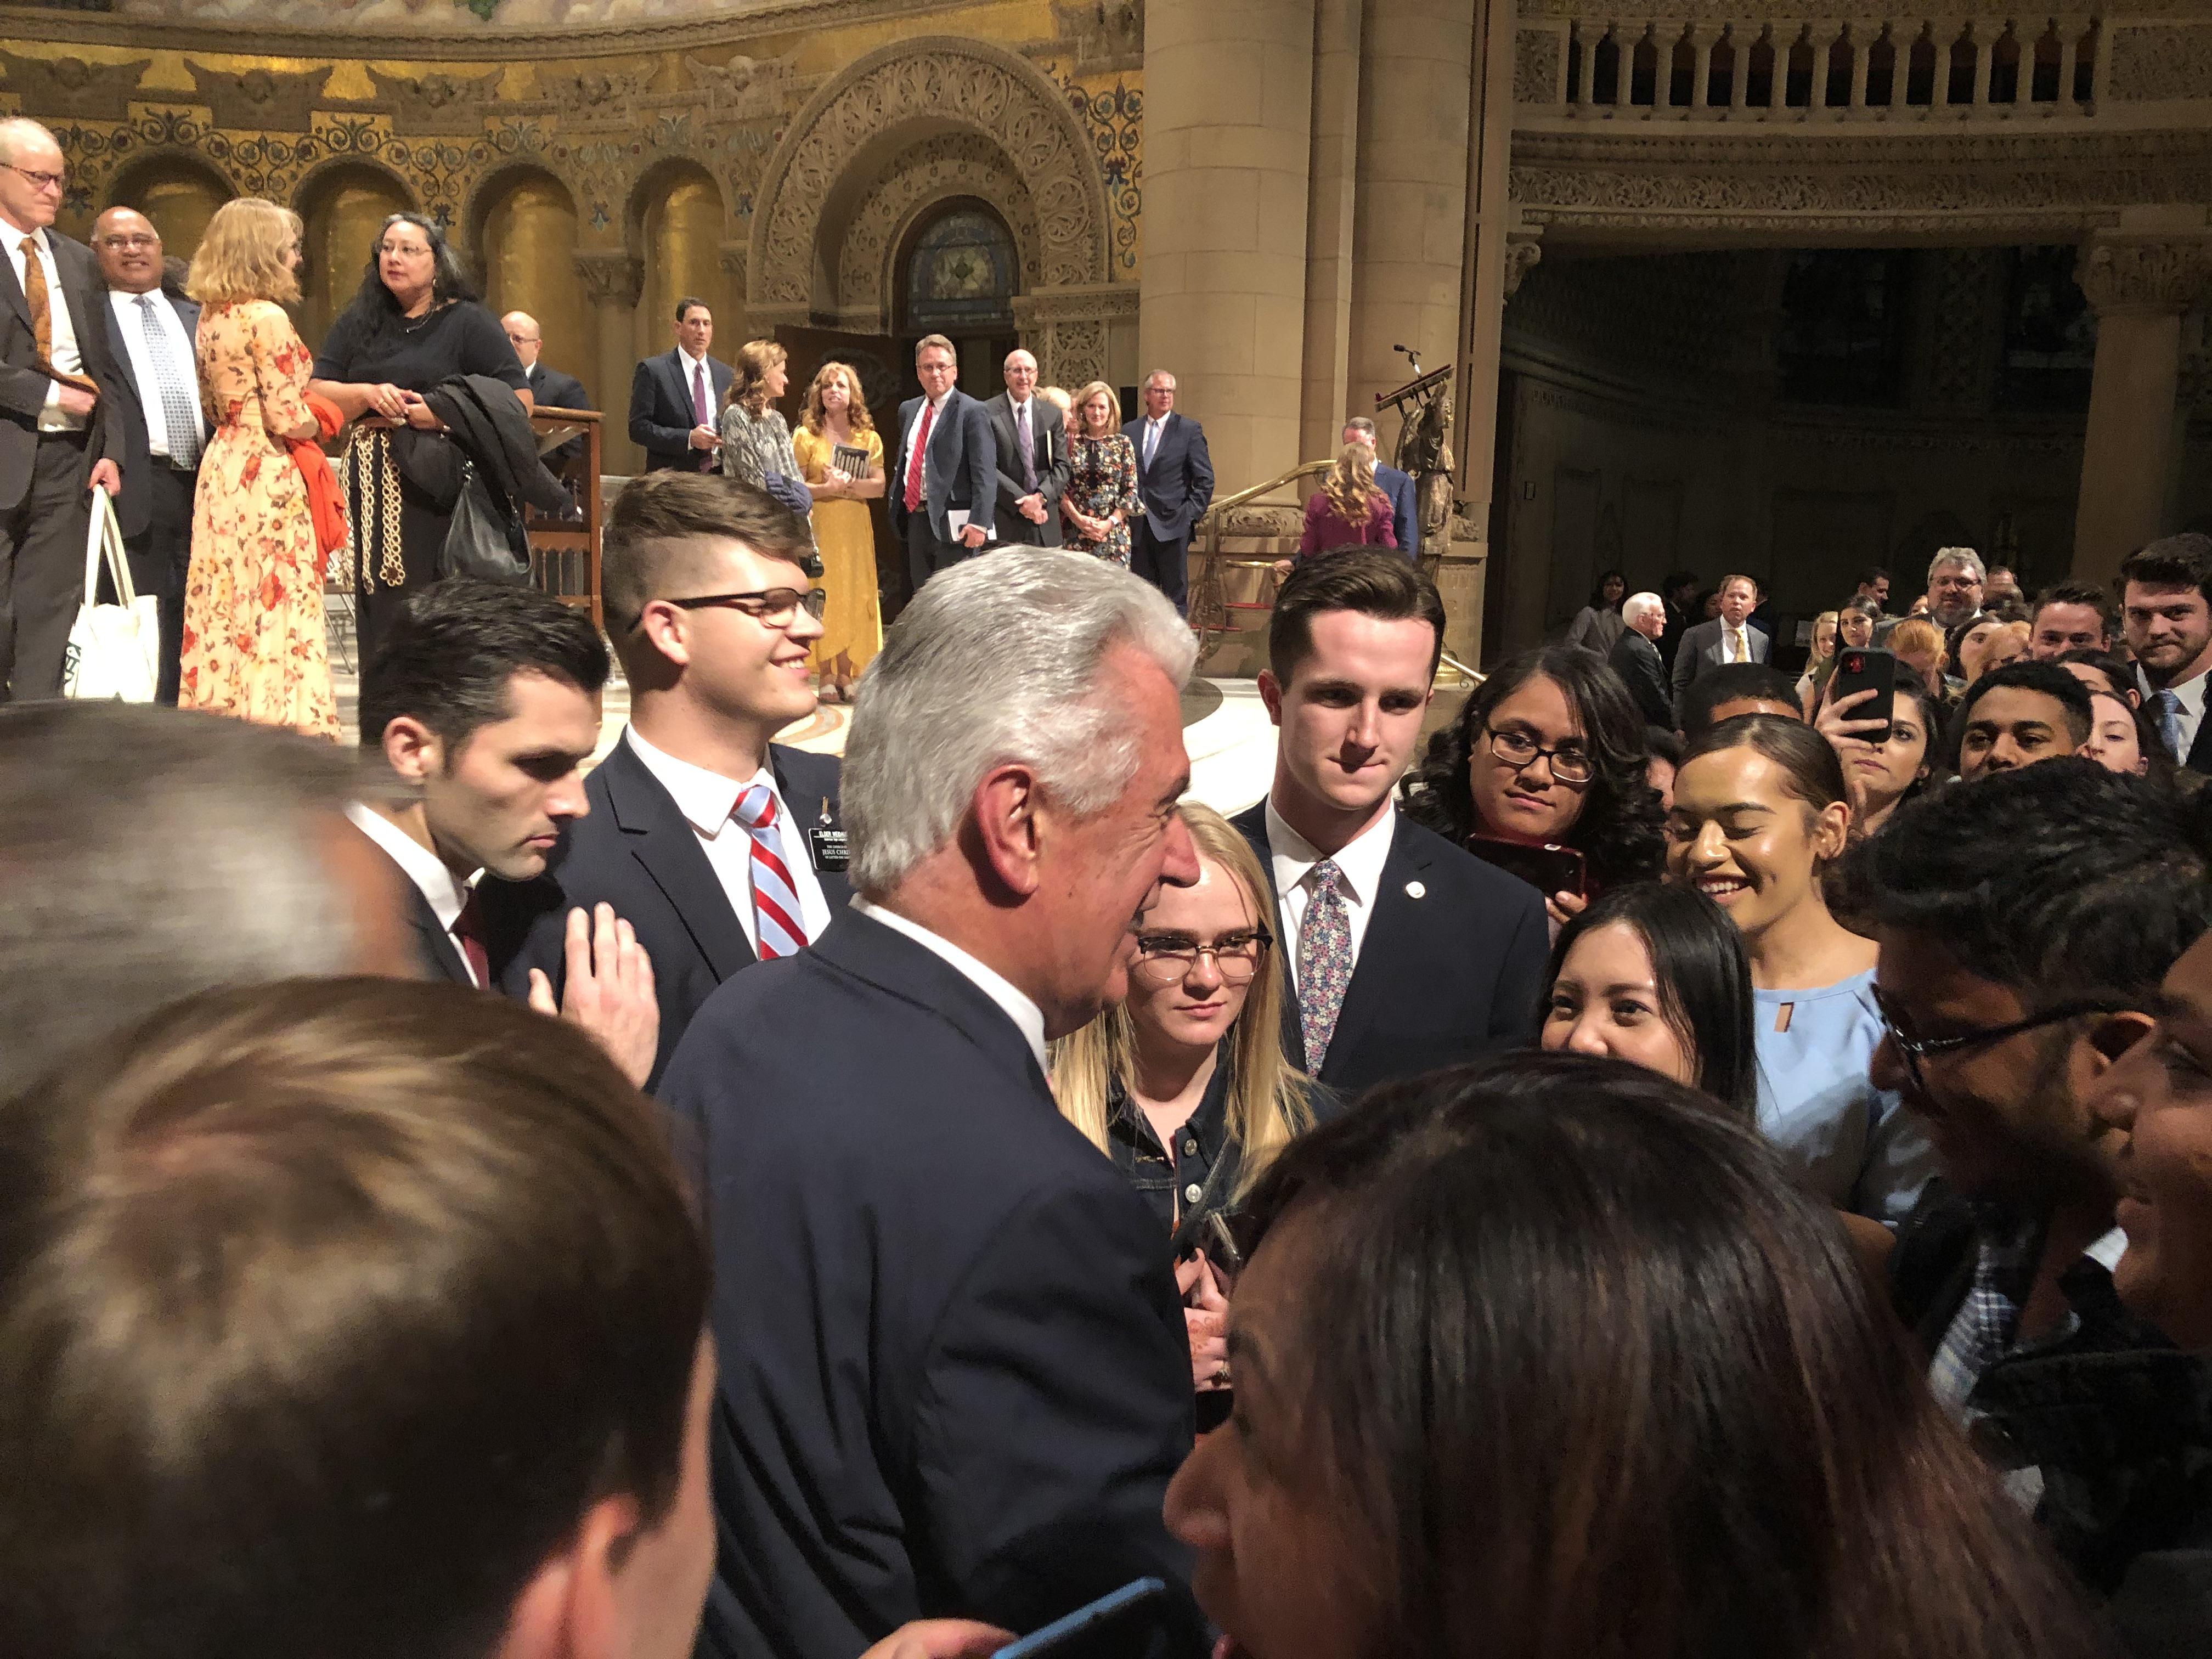 El élder Dieter F. Uchtdorf saluda a jóvenes adultos luego de un devocional en la Iglesia Memorial de Stanford, el 27 de octubre.